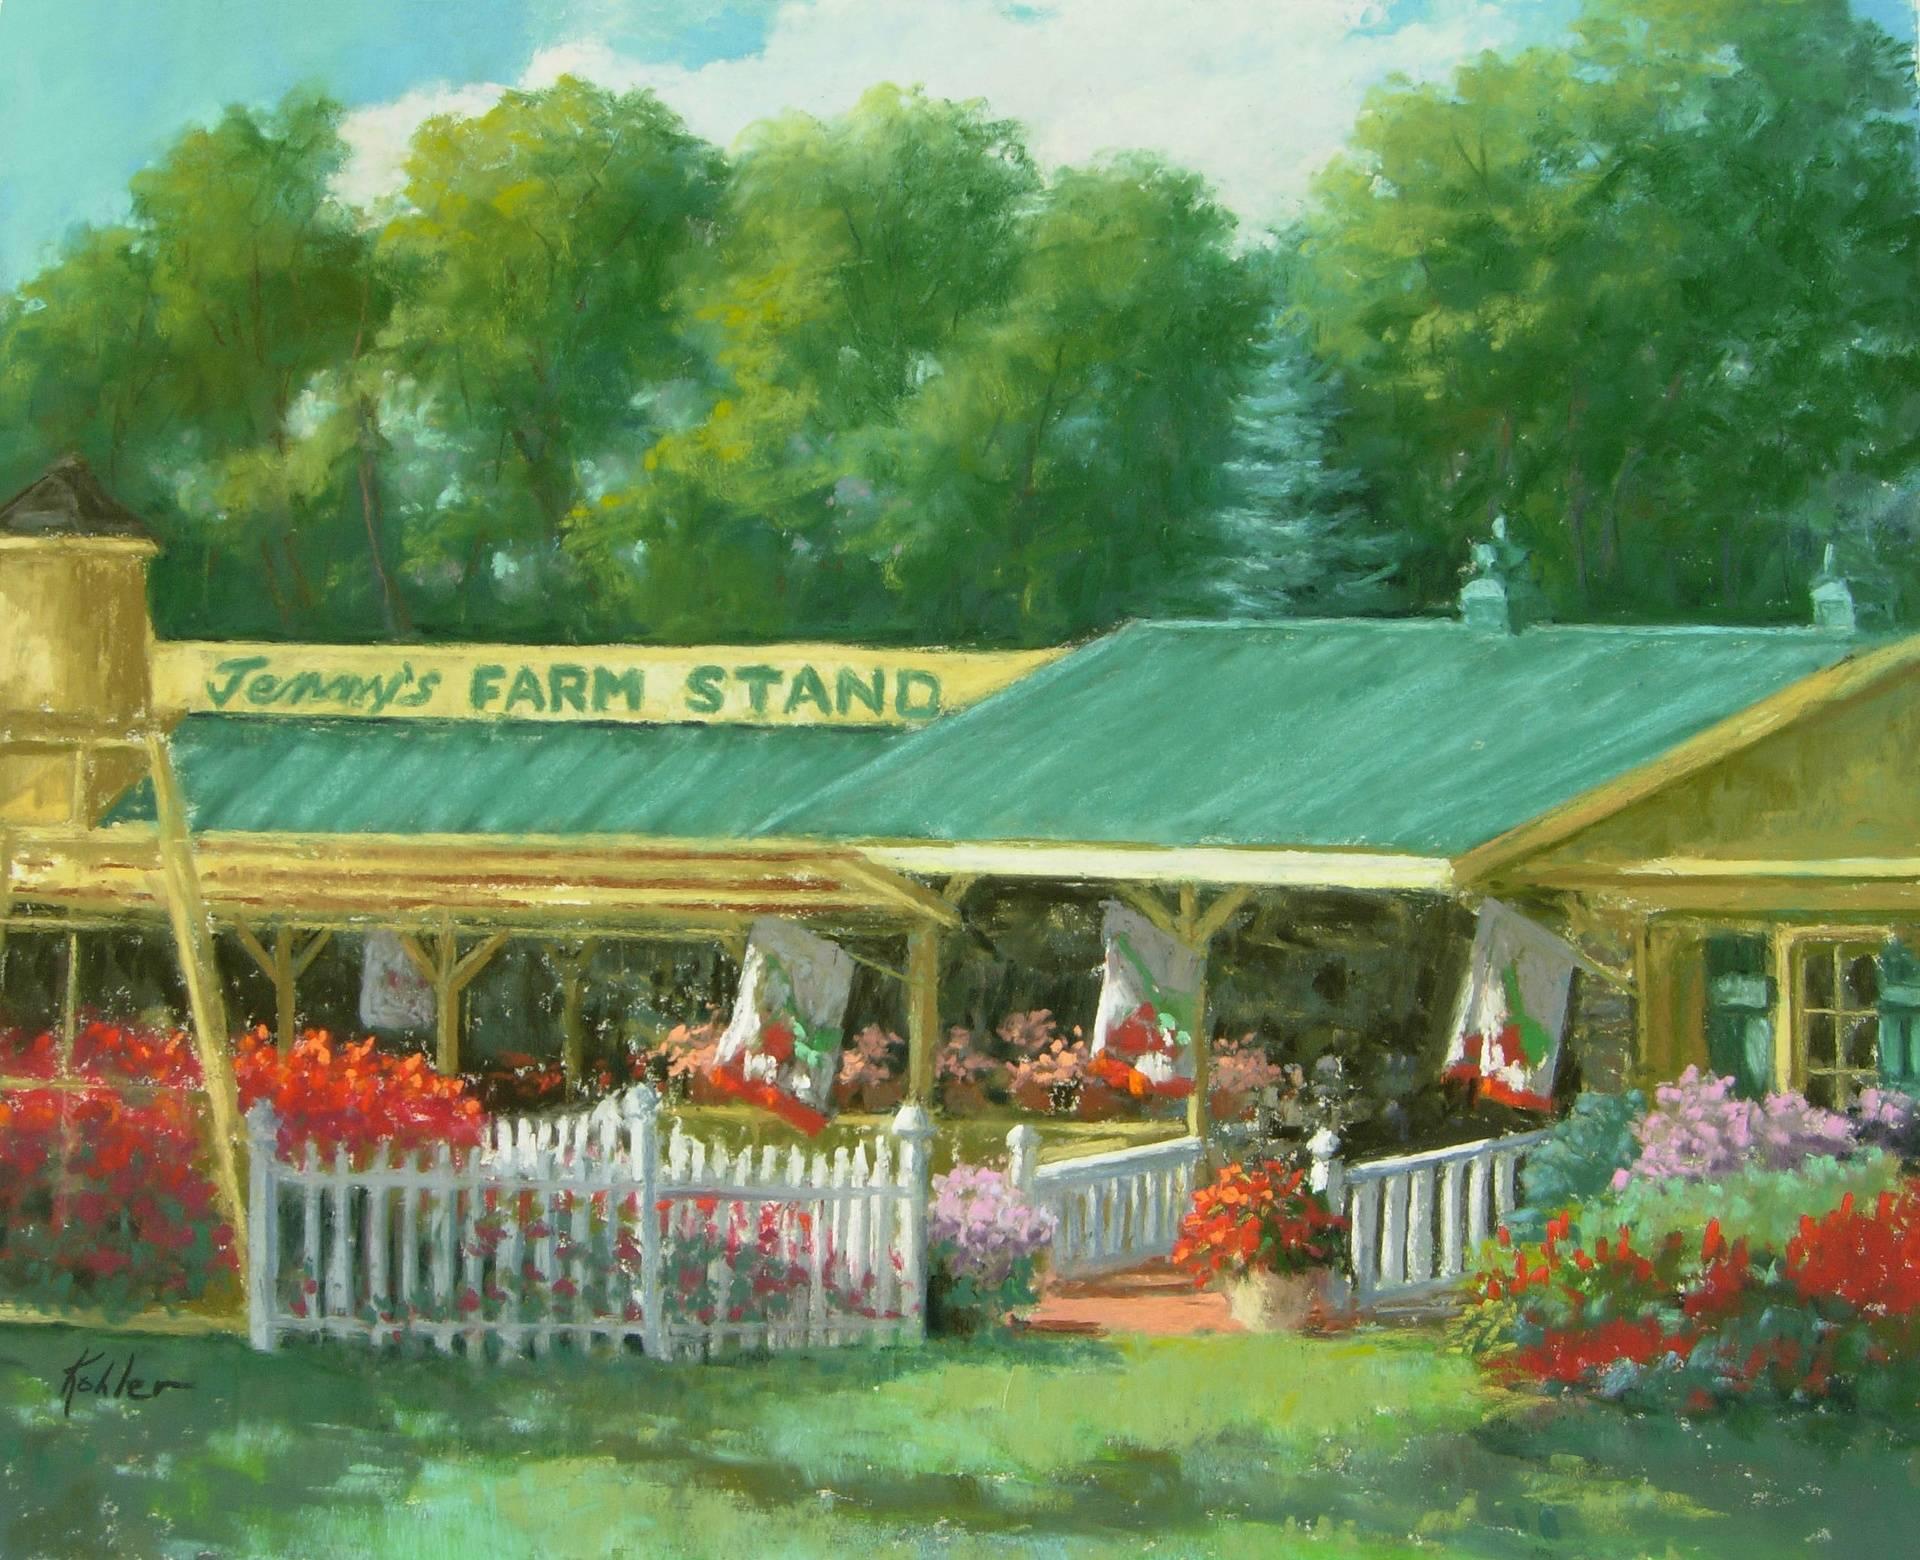 Jenny's Farm Stand